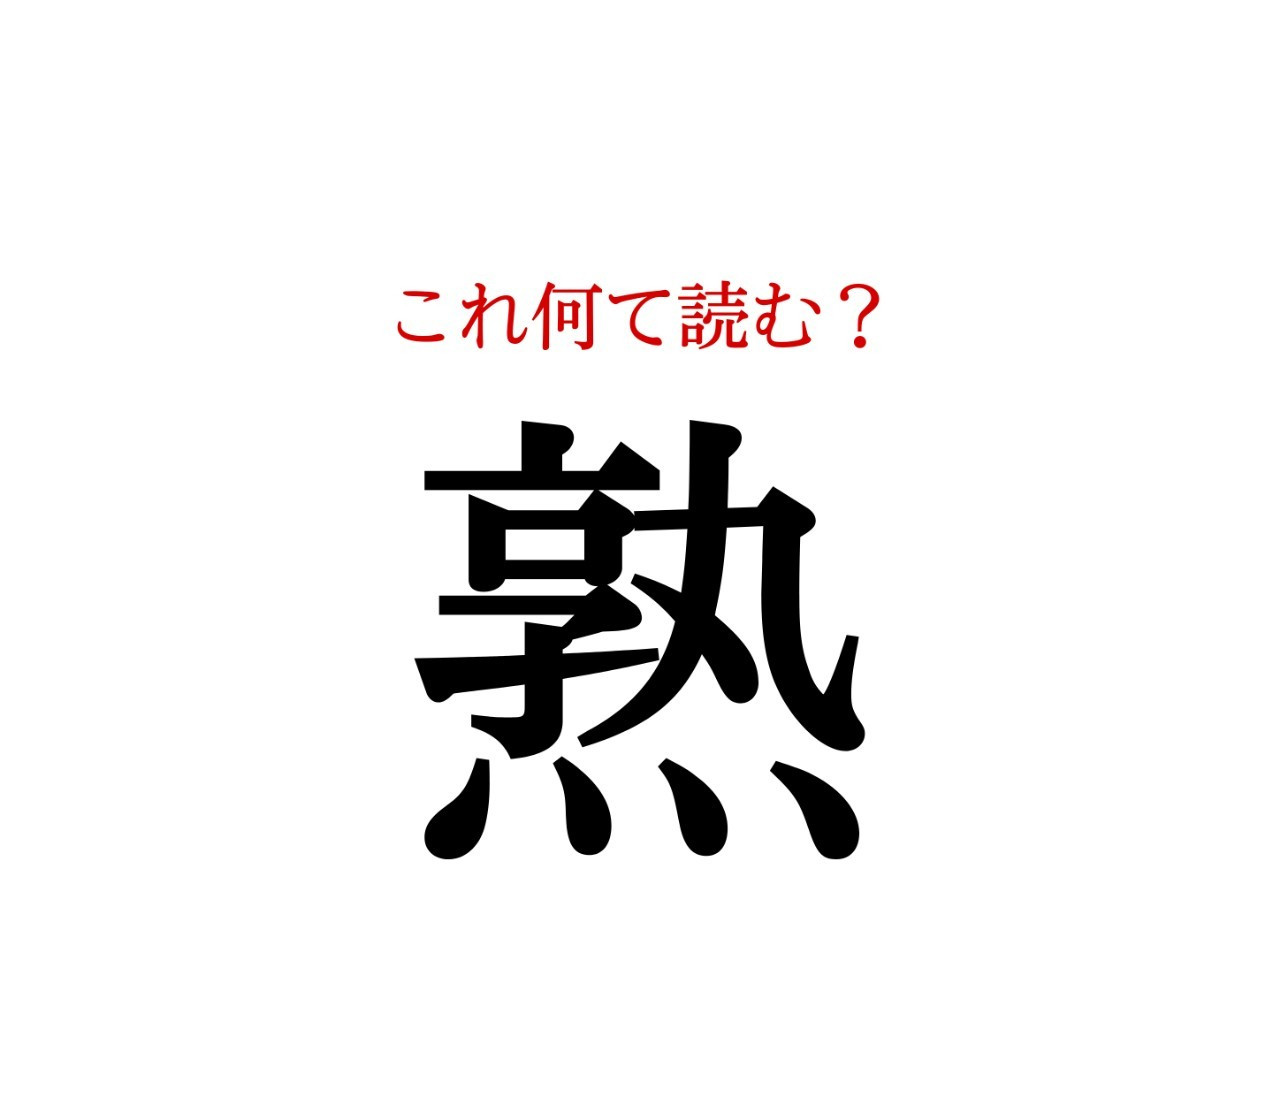 「熟」:この漢字、自信を持って読めますか?【働く大人の漢字クイズvol.95】